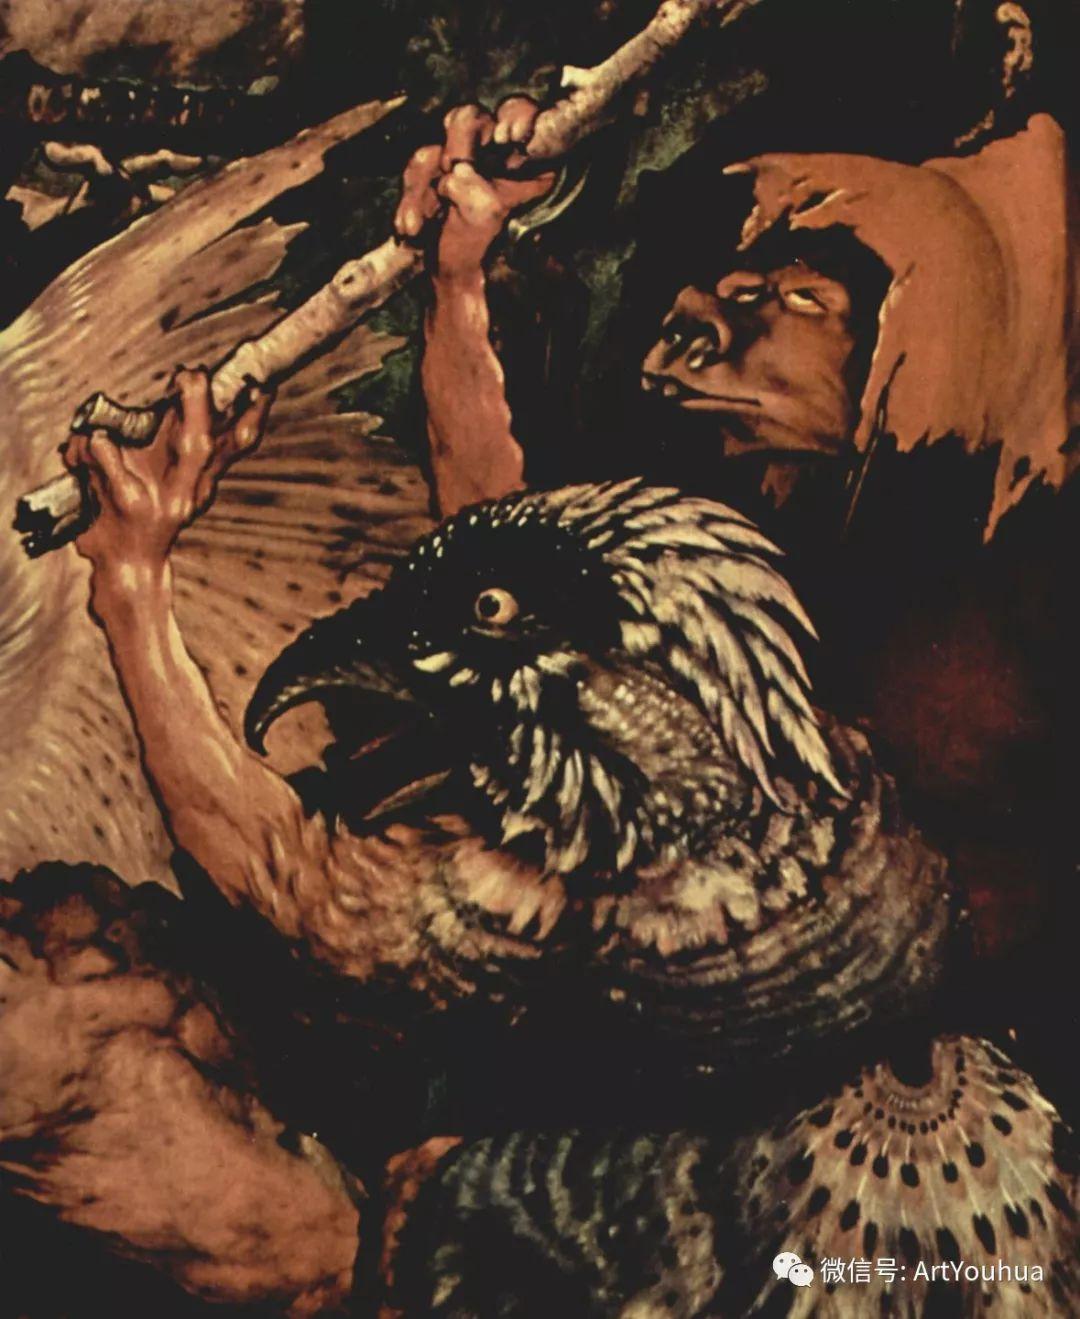 连载No.5 一生要知道的100位世界著名画家之格吕内瓦尔德插图173